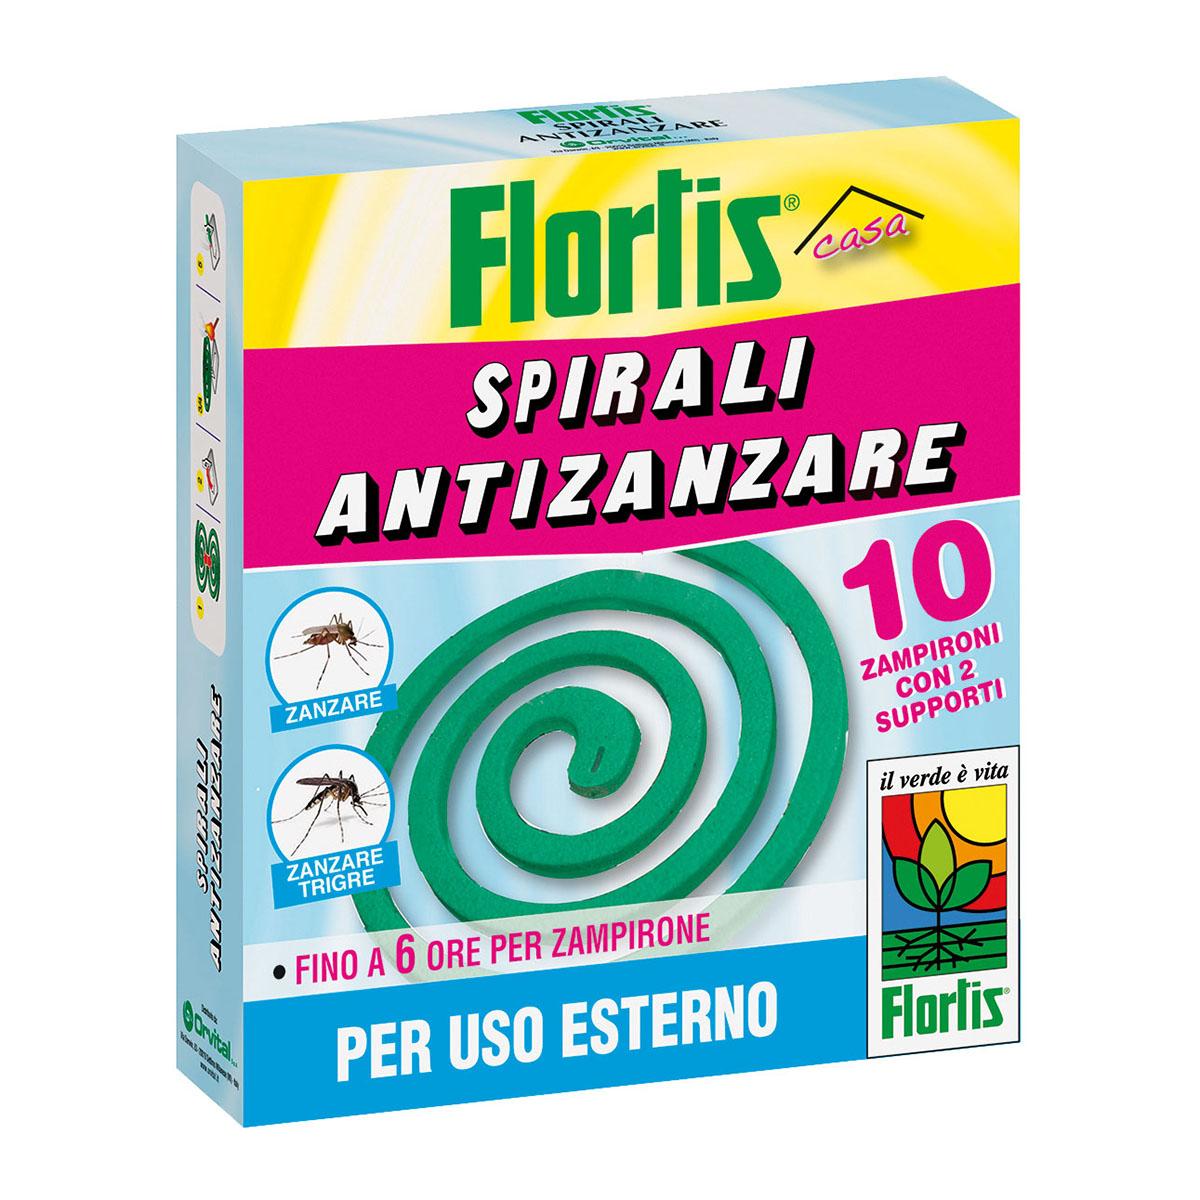 Flortis Spirali antizanzare